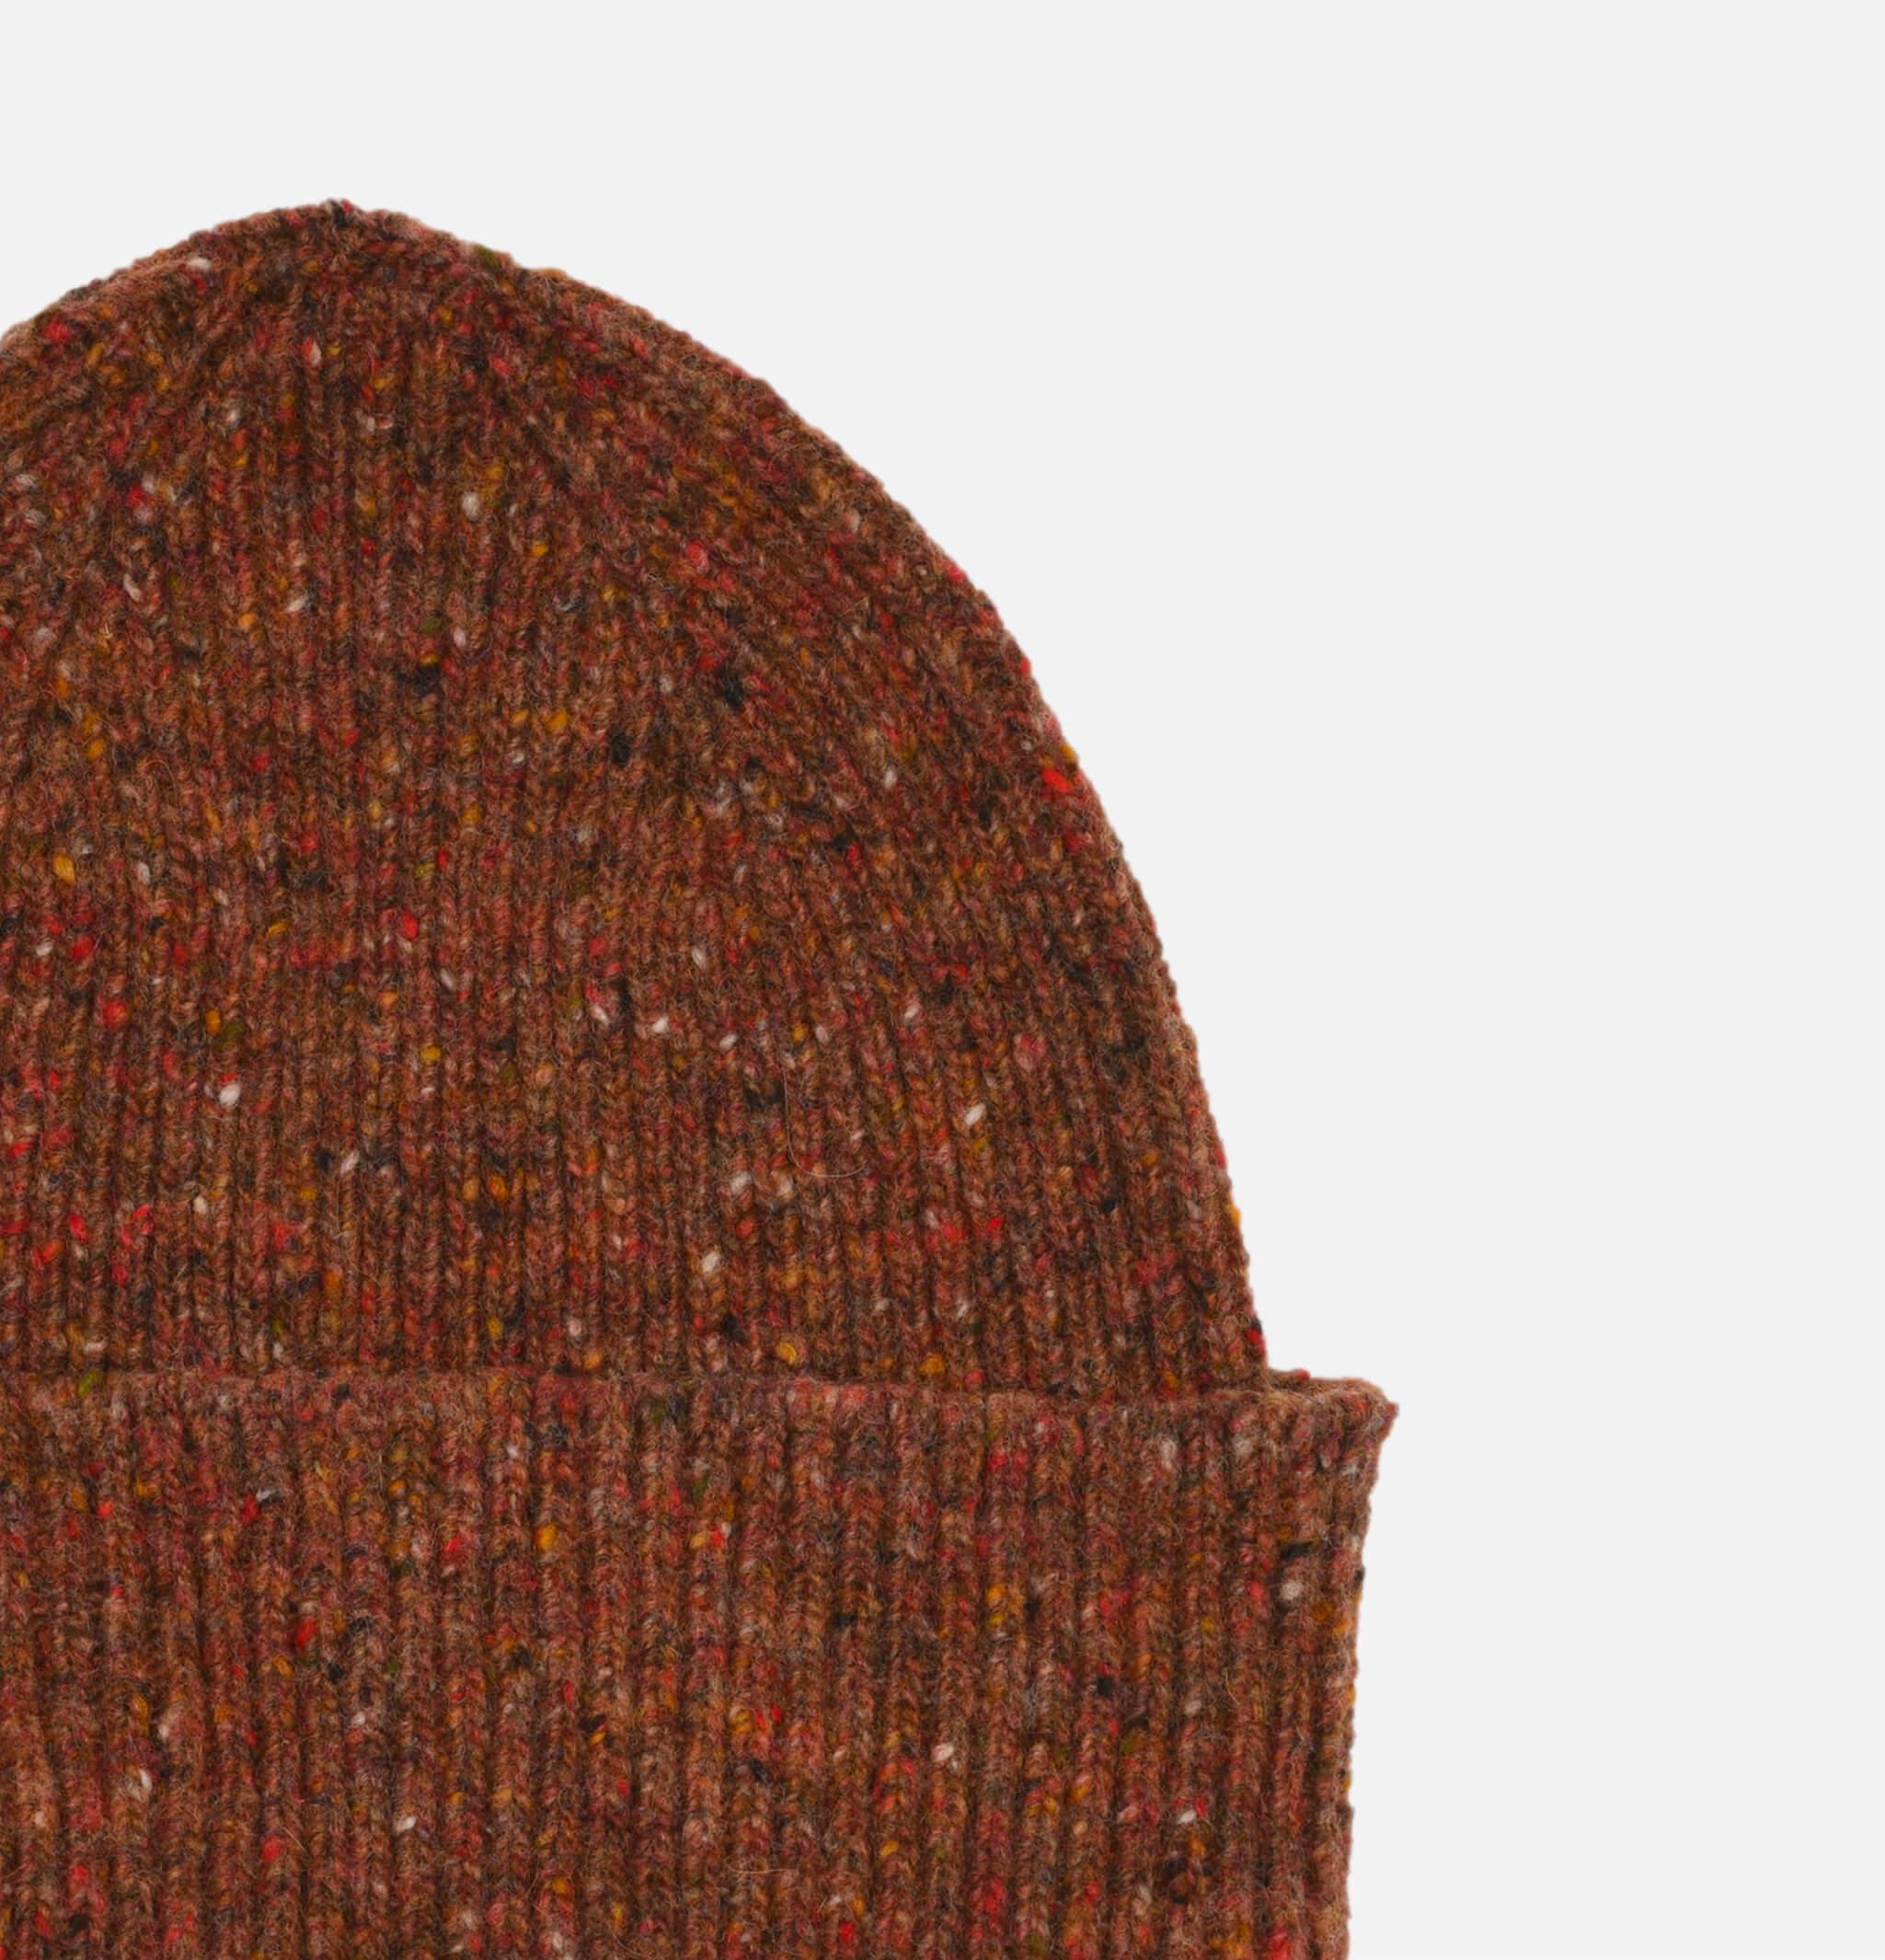 Bonnet Donegale Brick